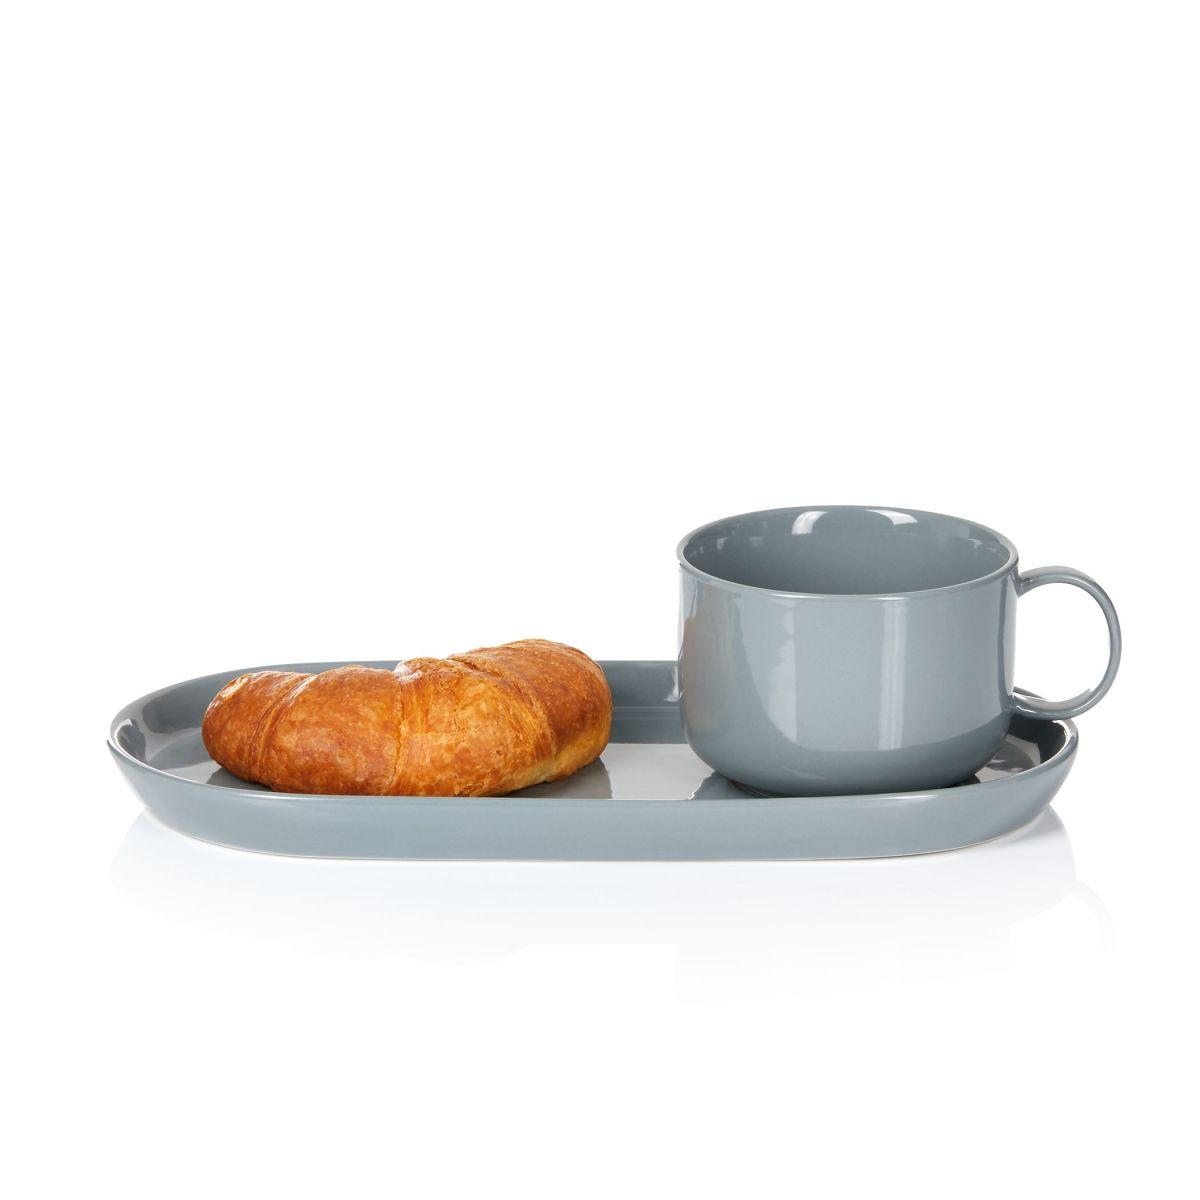 XL-Frühstücks-Set, 4-tlg.